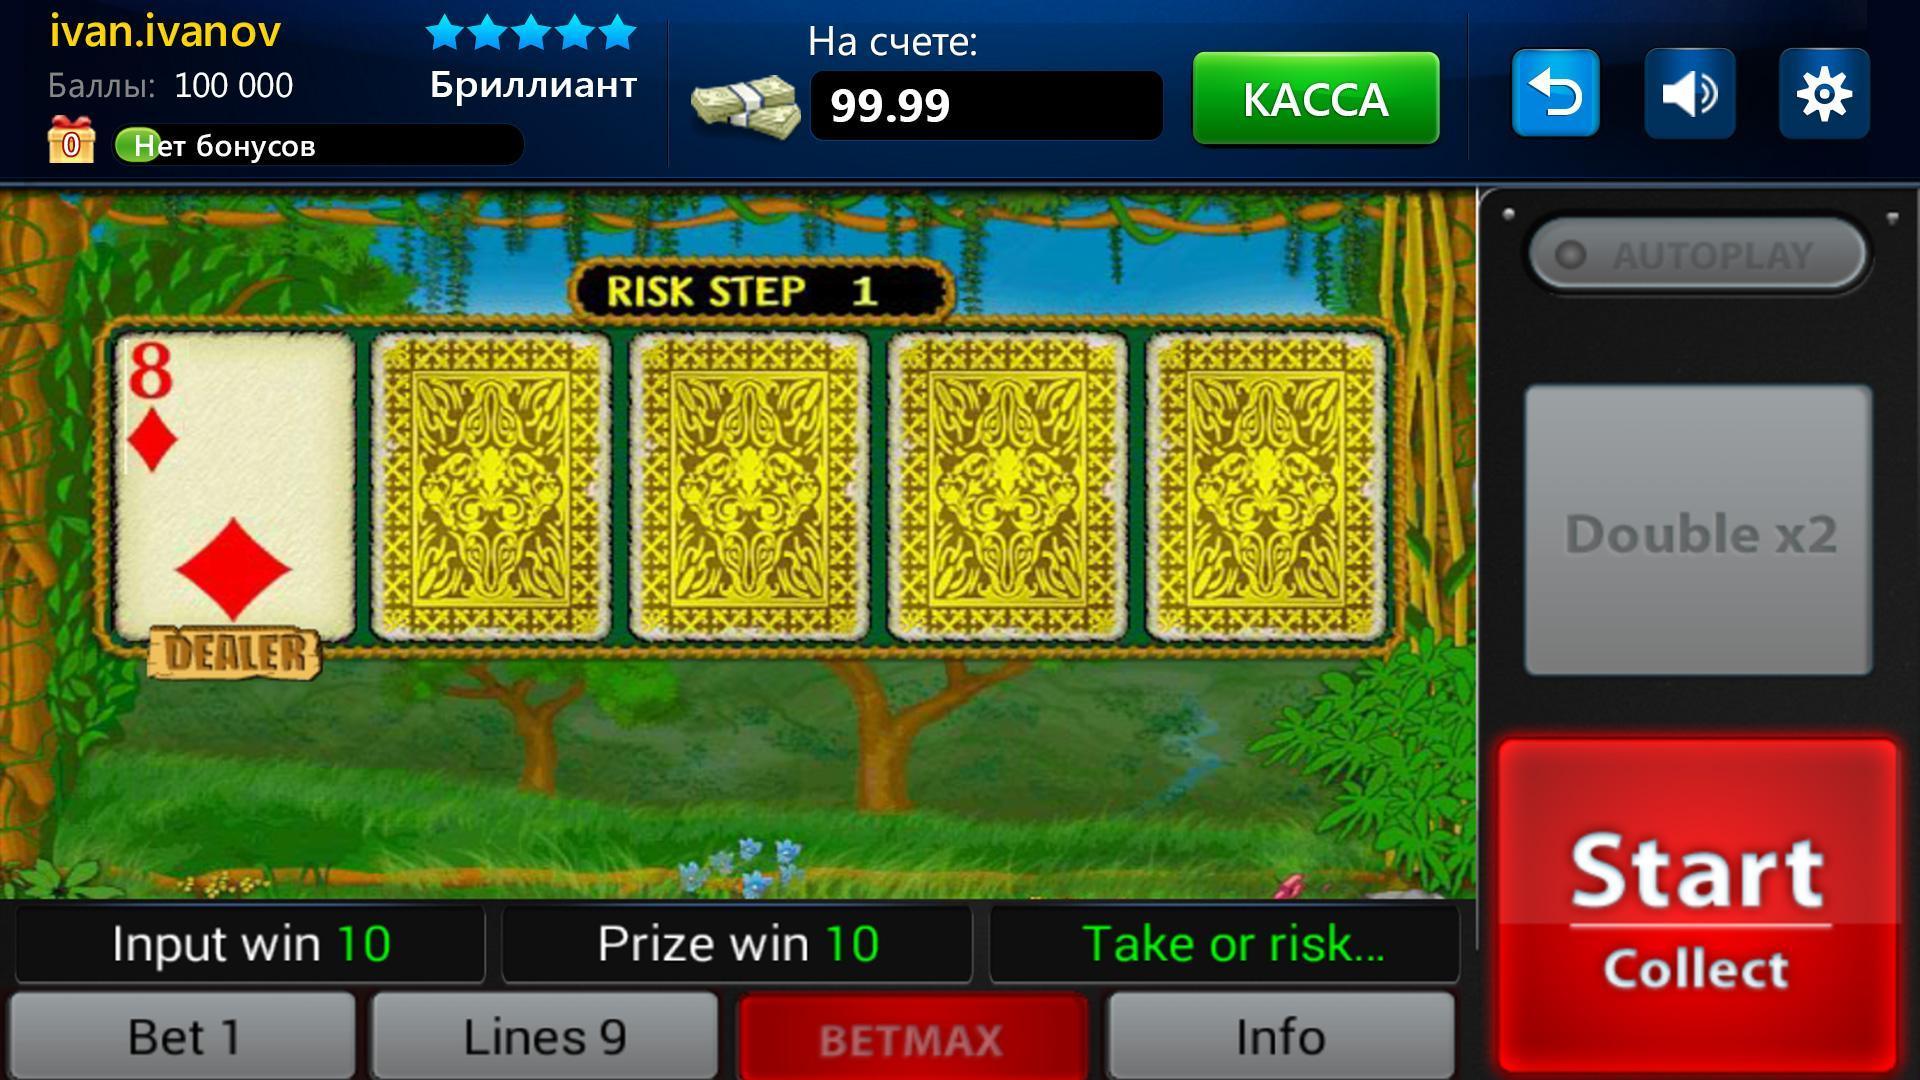 Игровые автоматы удача скачать бесплатно игровых автоматов играть бесплатно скачки